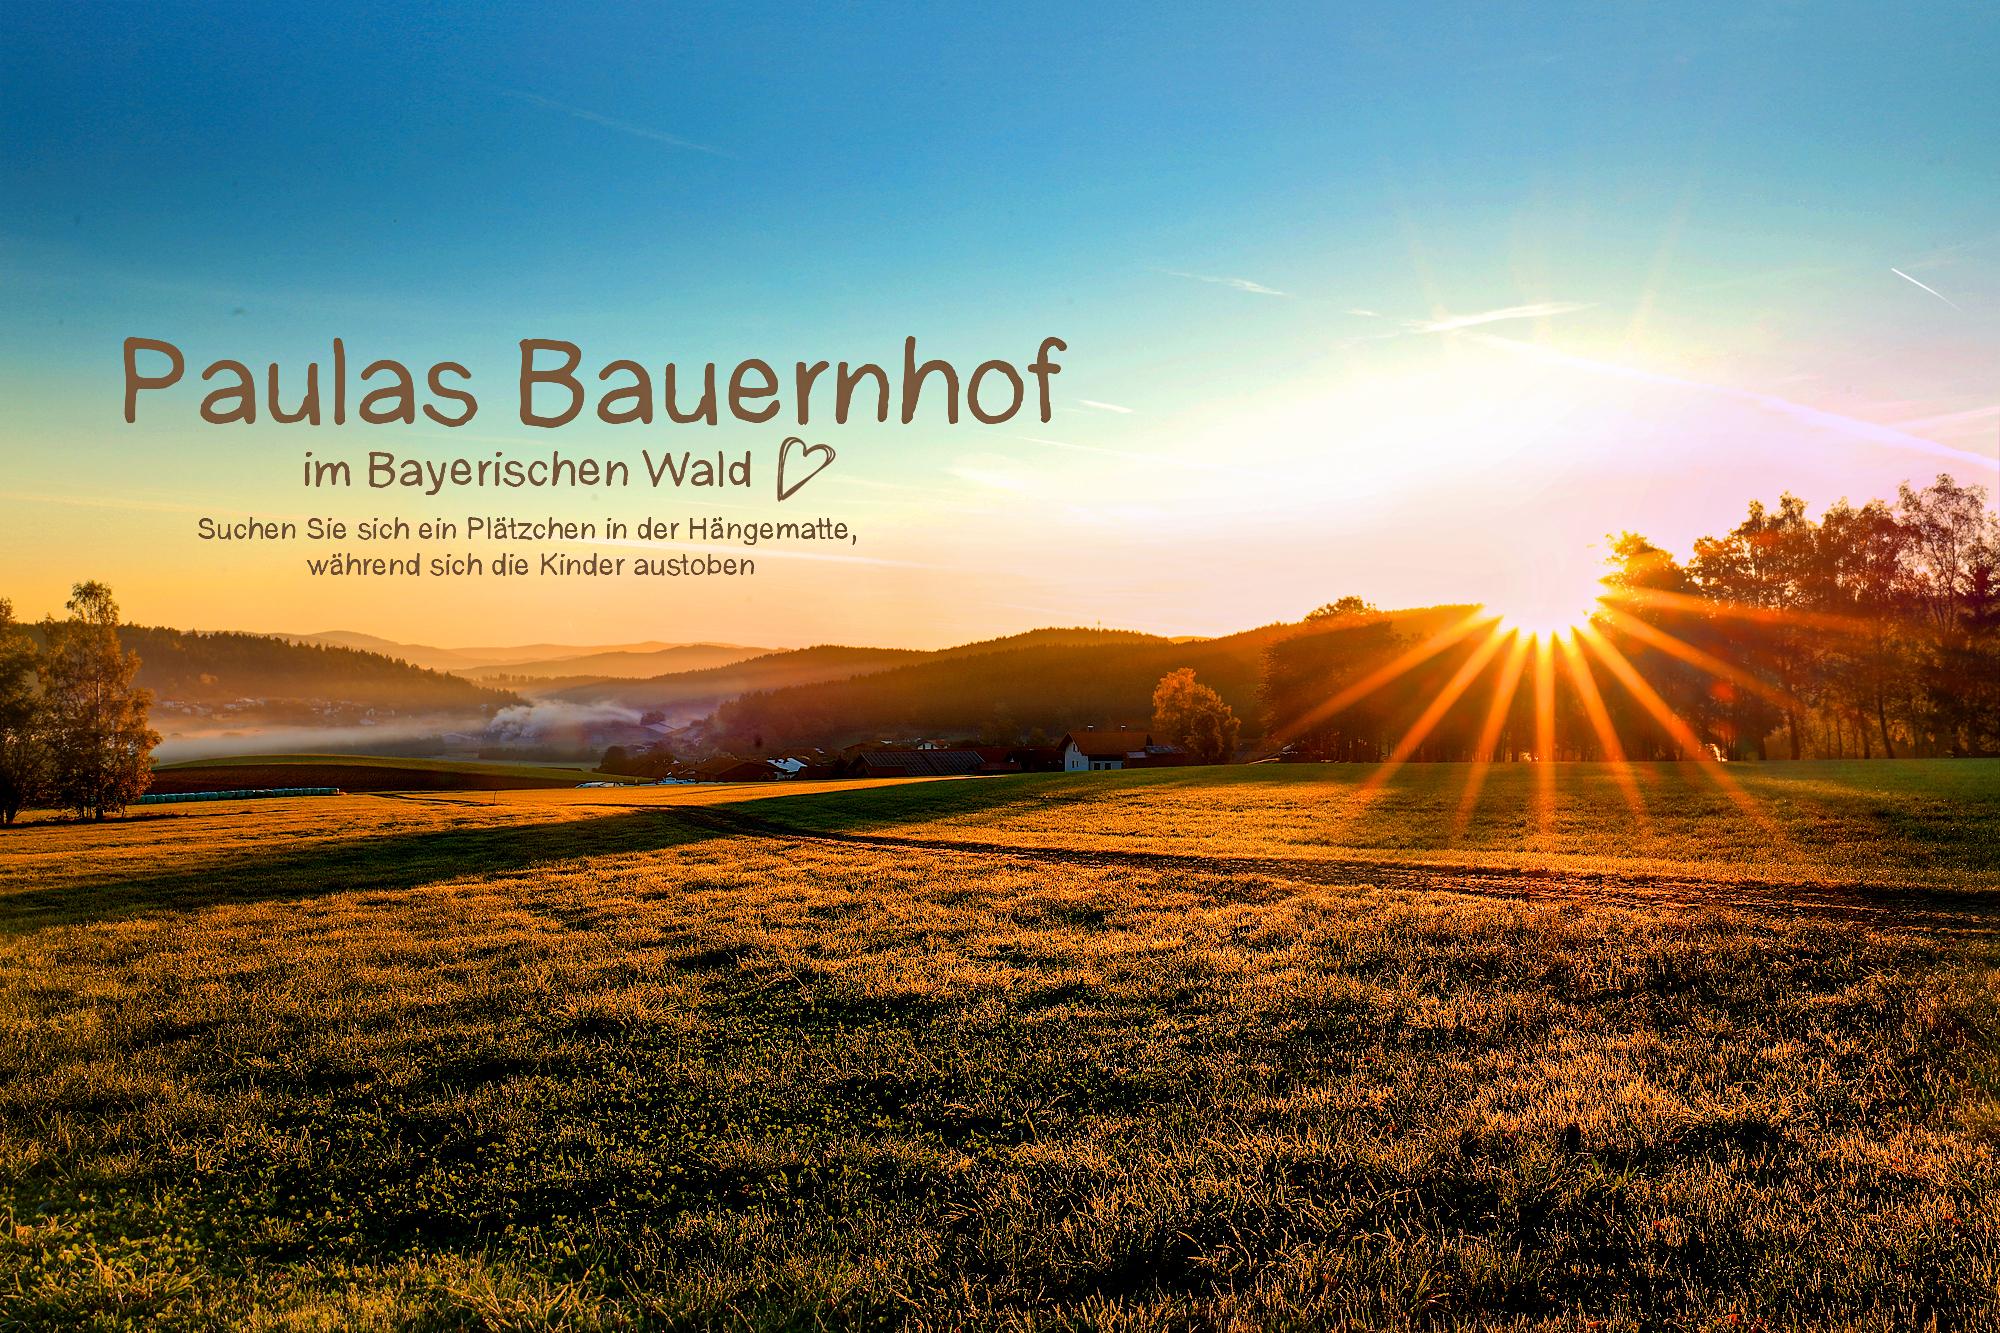 Sonnenaufgang mit blauen Himmel auf dem Land